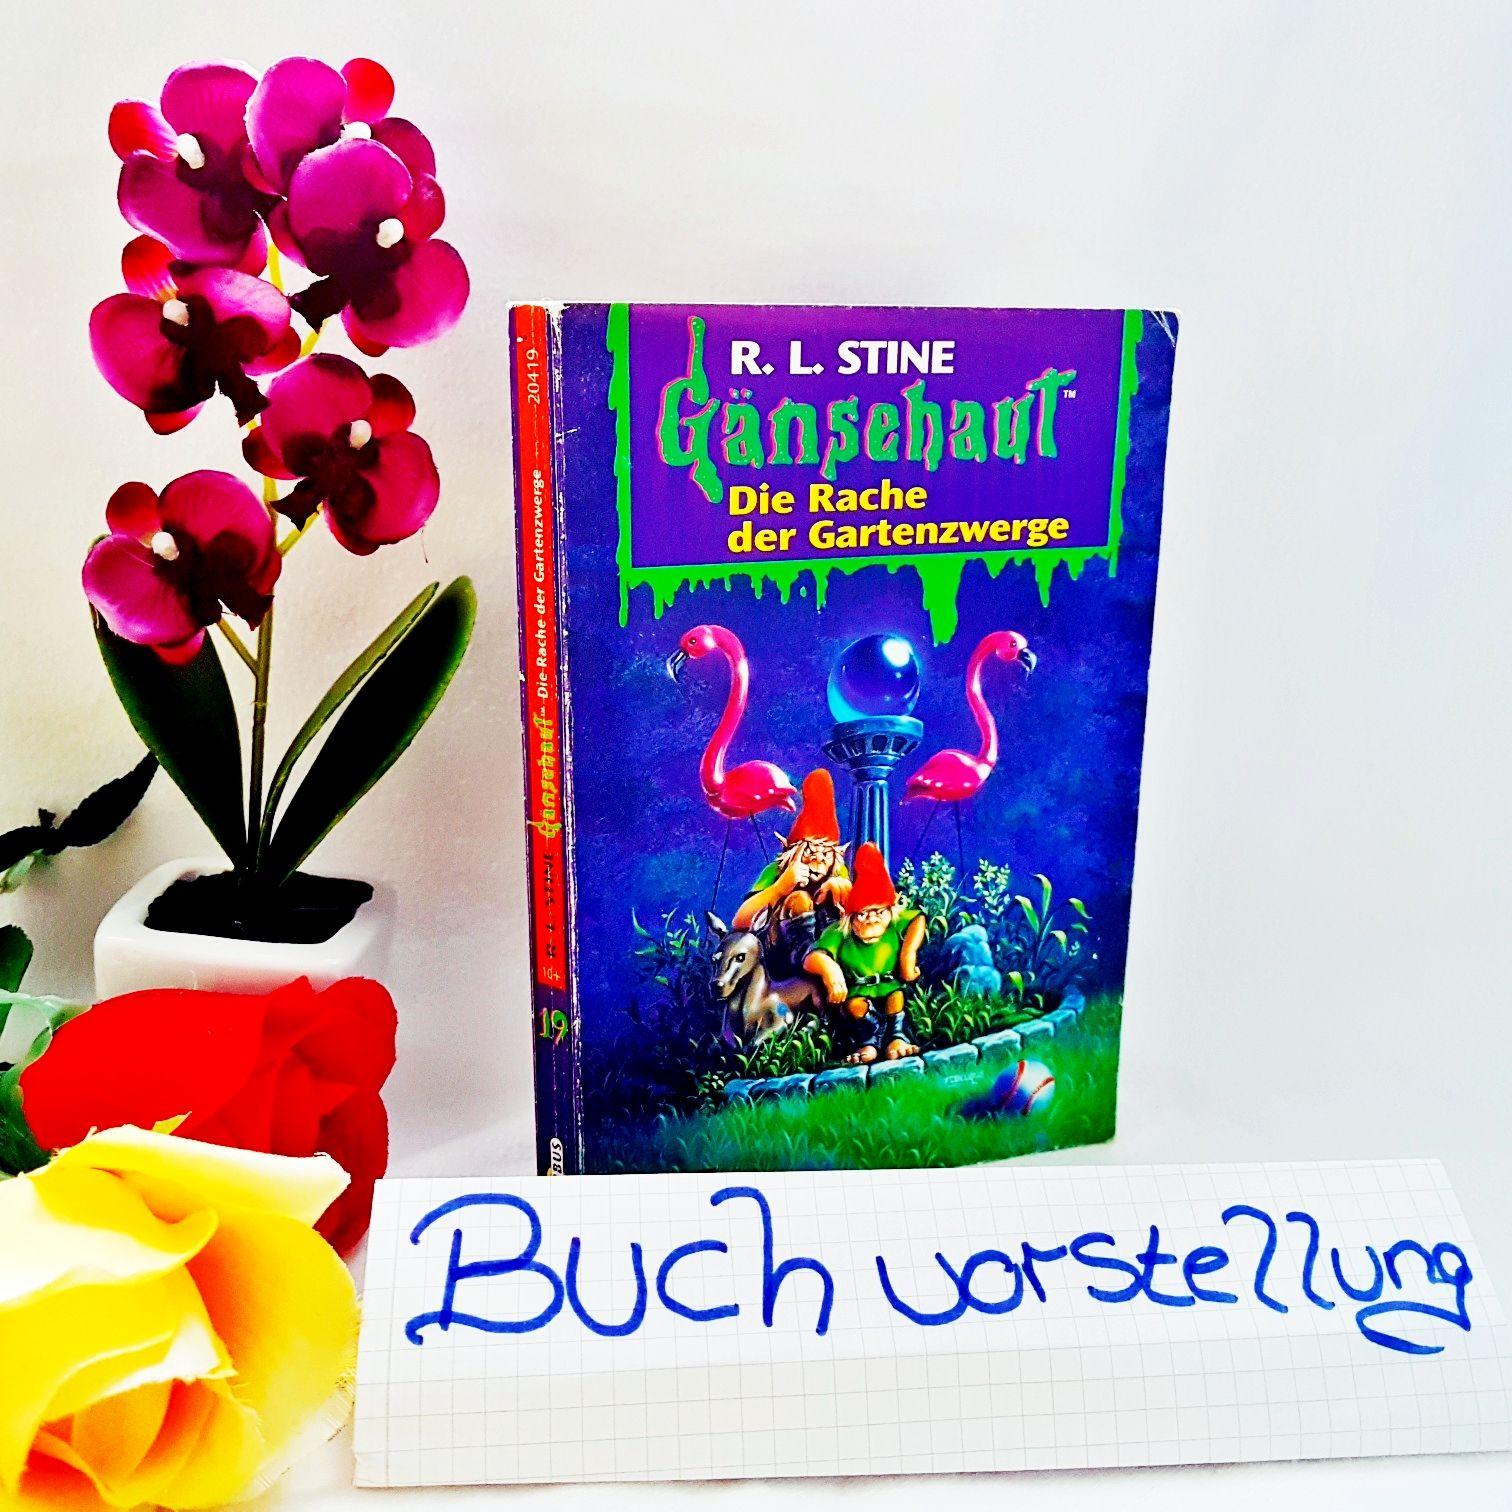 Gänsehaut Band 19 Die Rache der Gartenzwerge von R.L.Stine